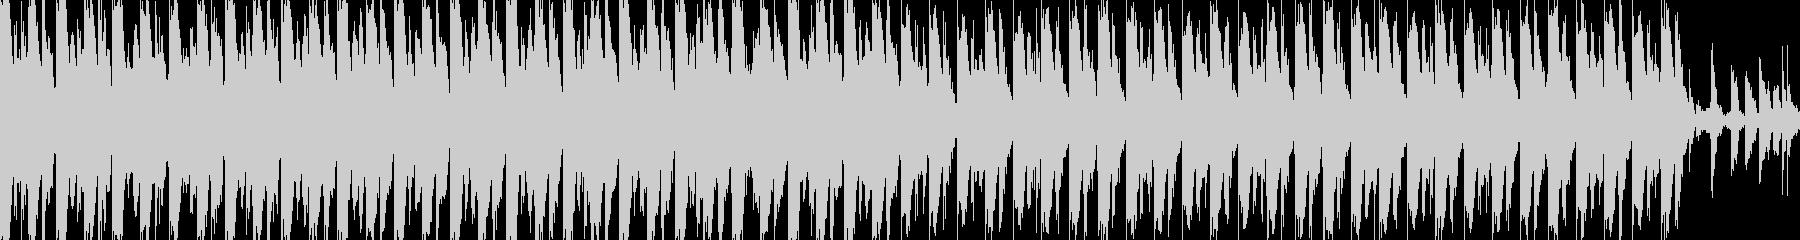 ファンキーなシンセポップ/エレクト...の未再生の波形